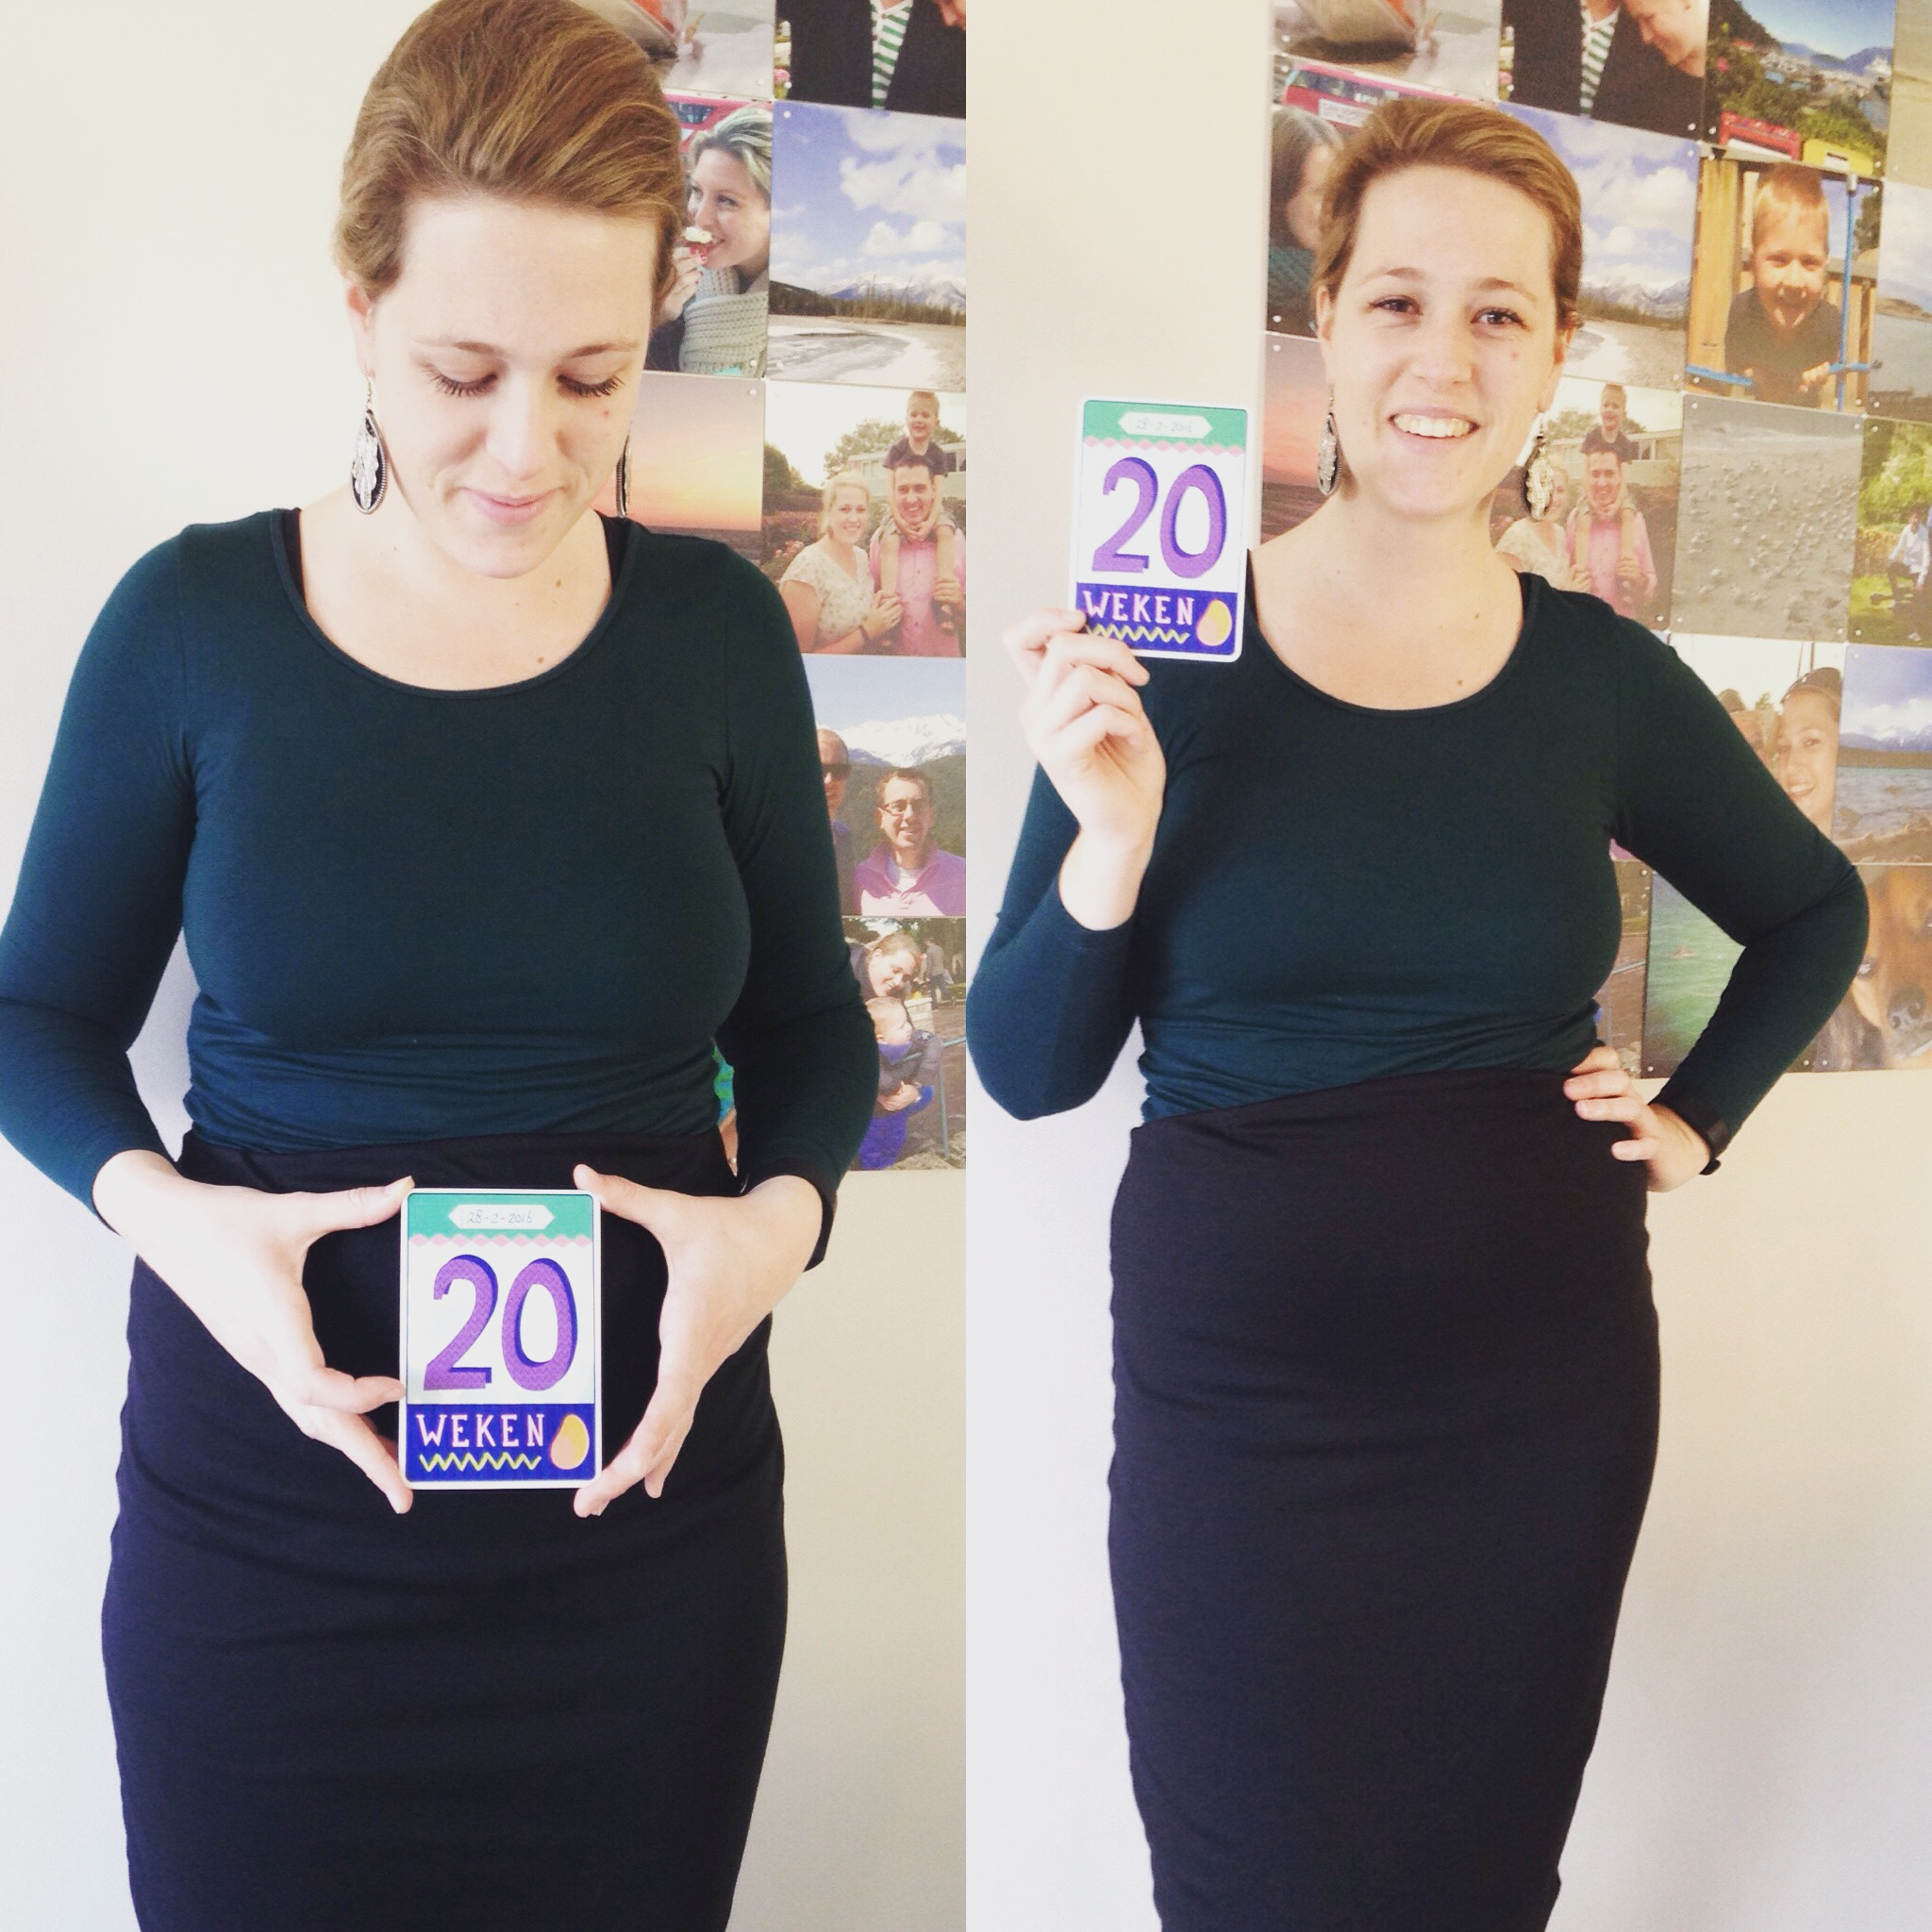 Jennifit 20 weken zwanger